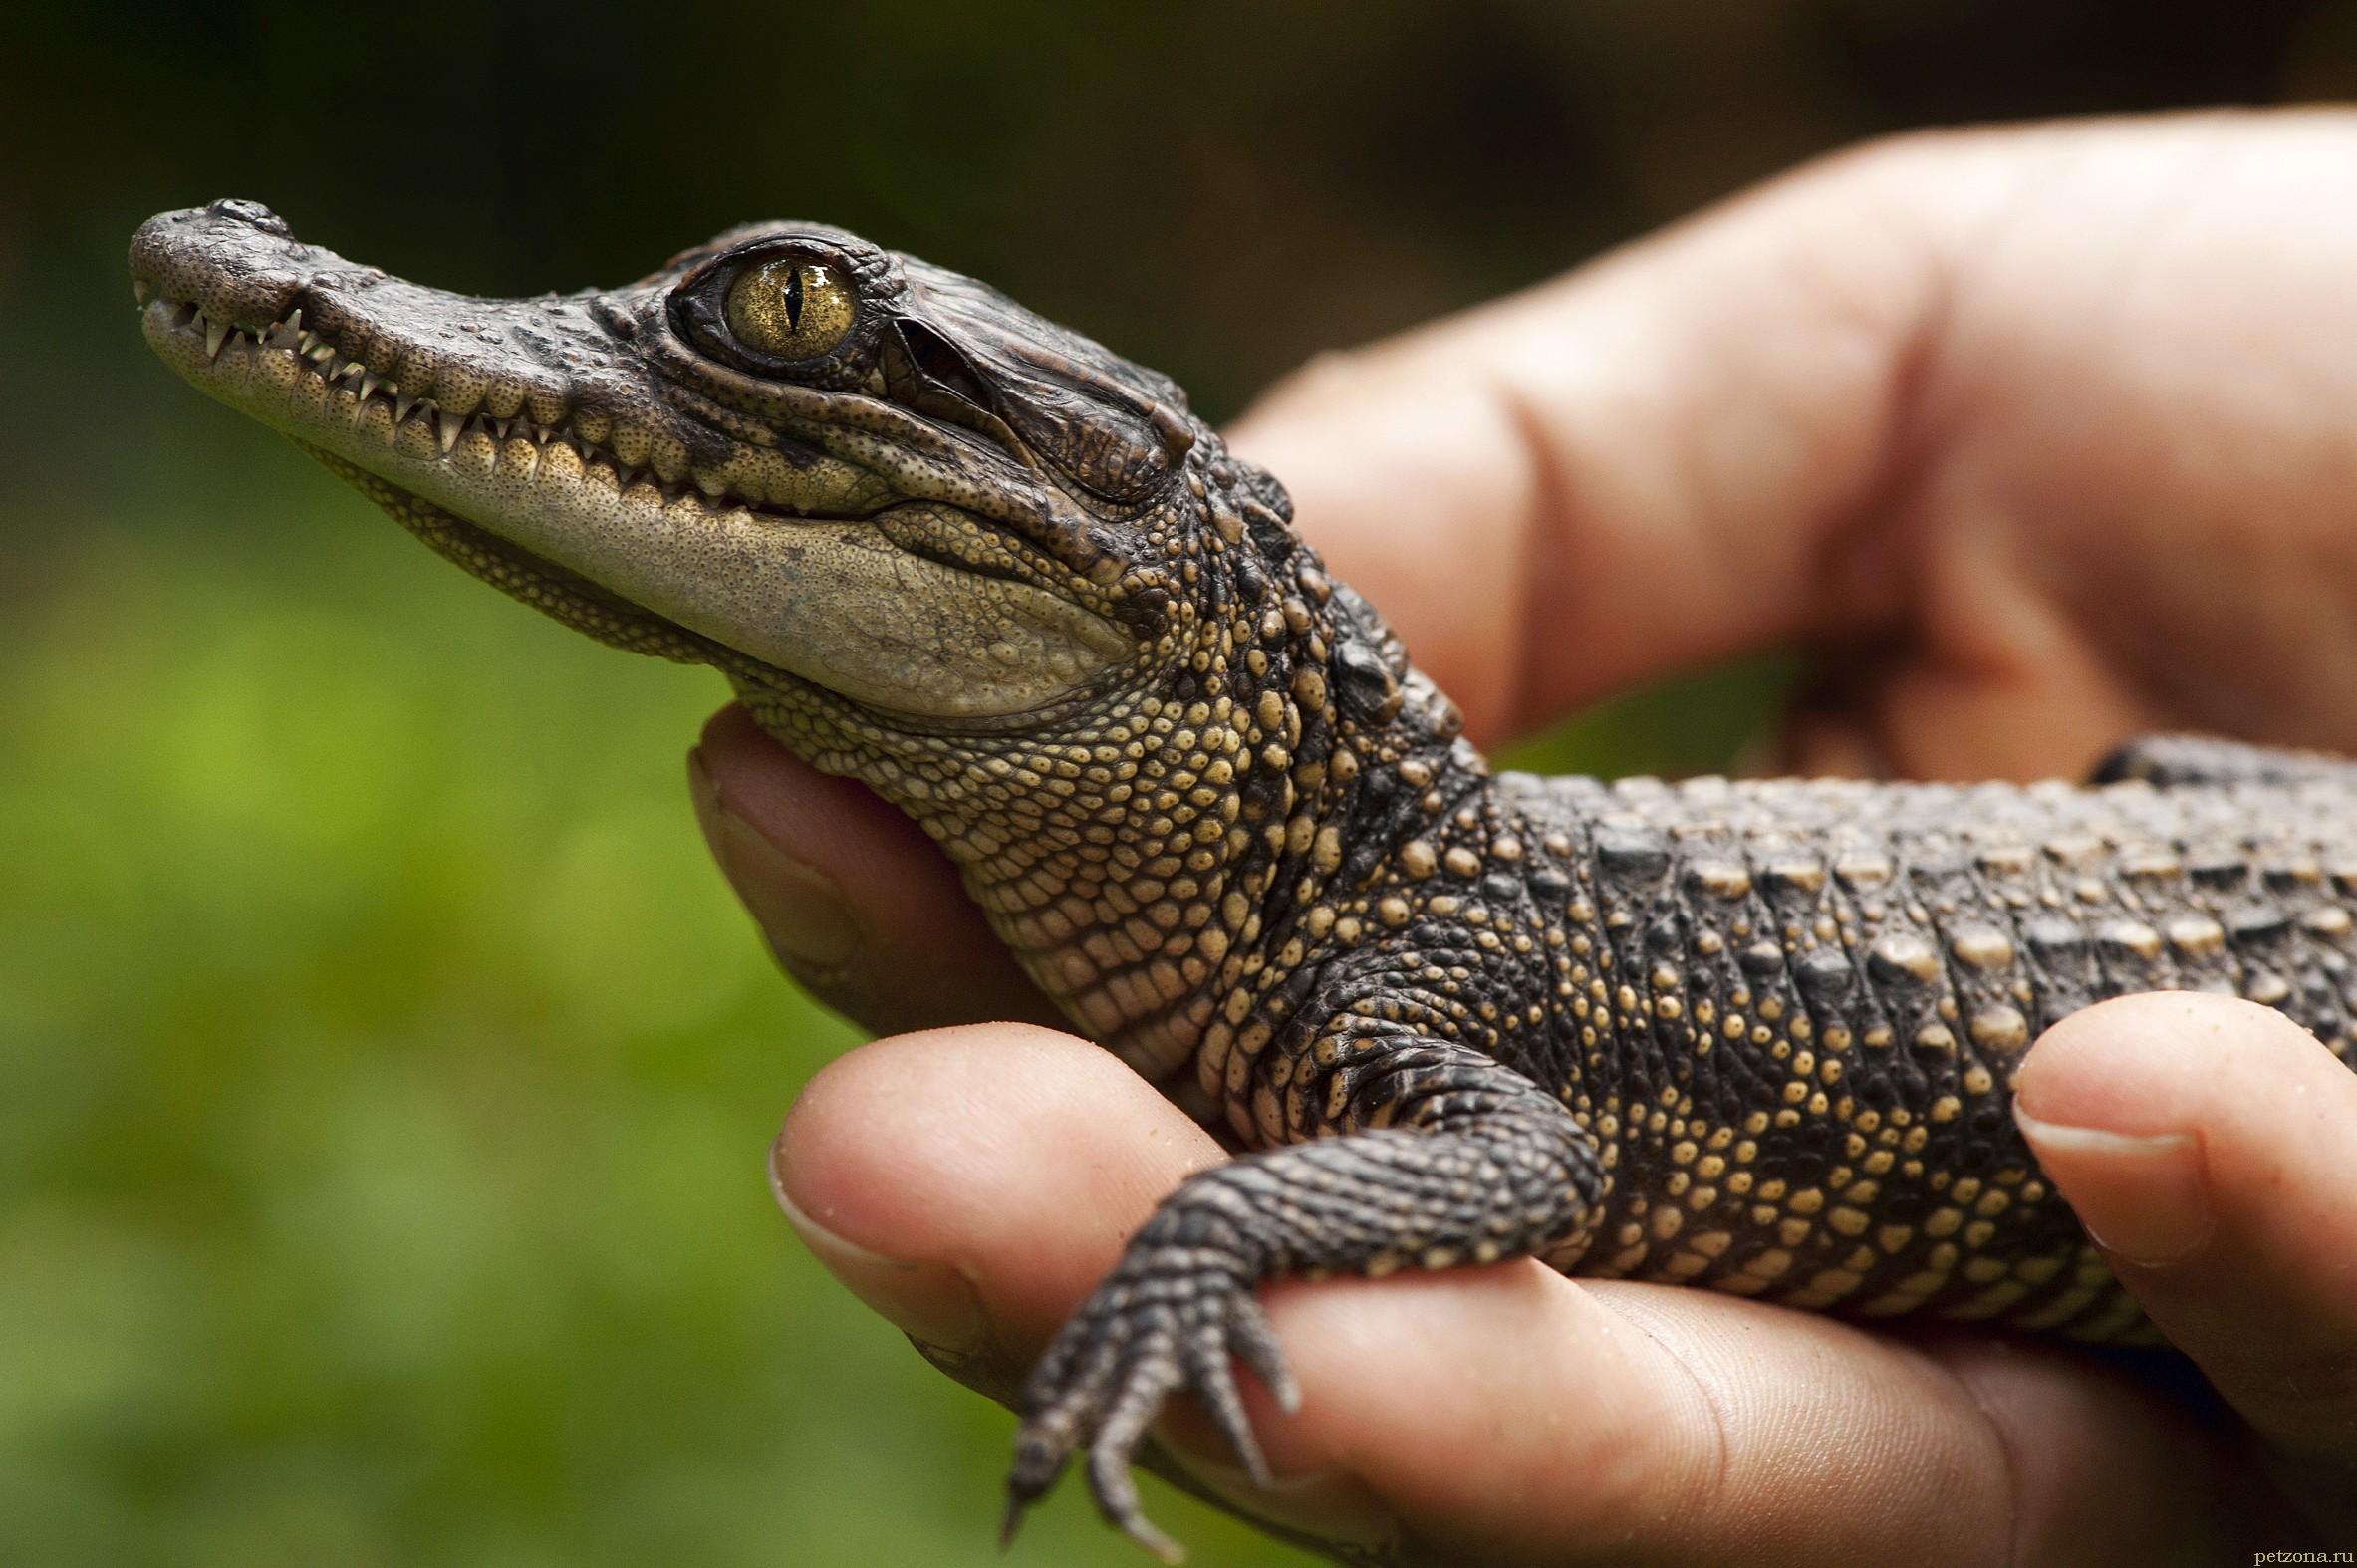 Крокодил дома. Что следует знать?